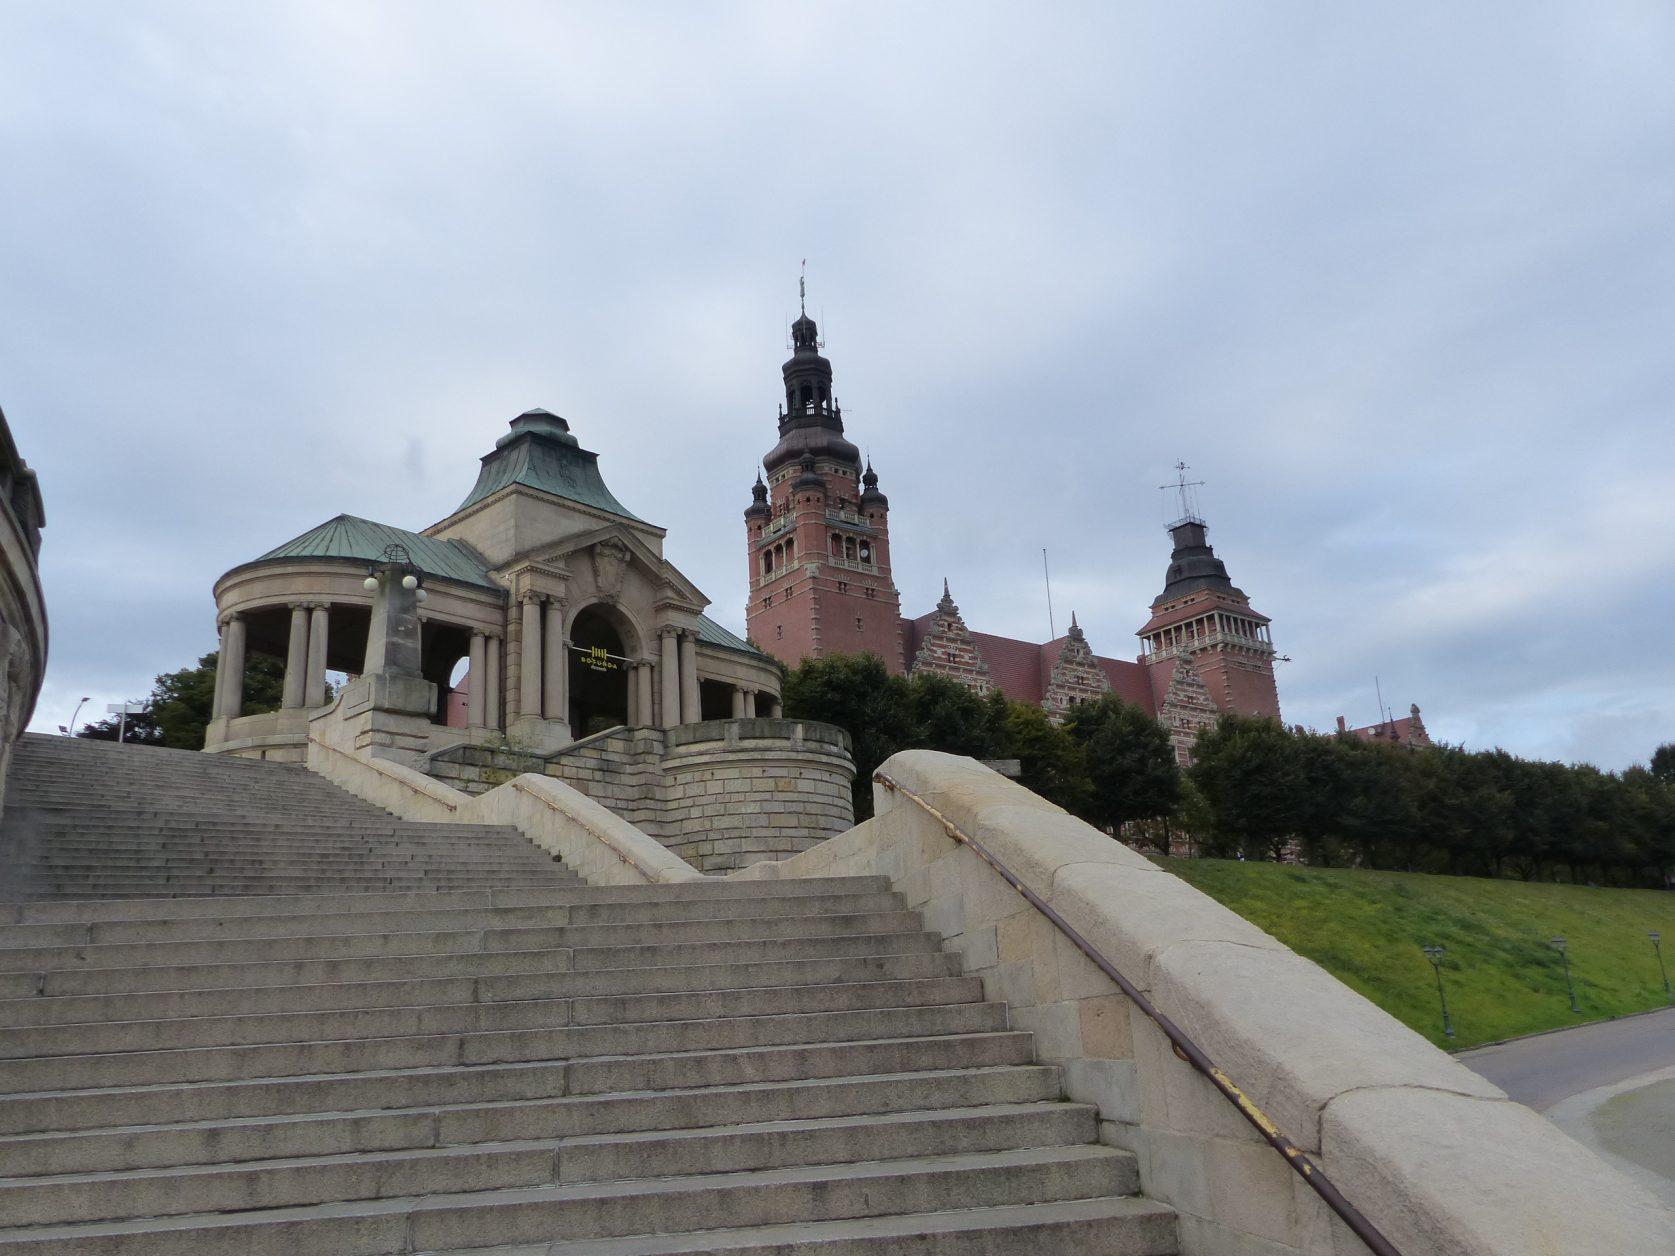 Blick auf die Hakenterrasse in Stettin, Foto: Weirauch